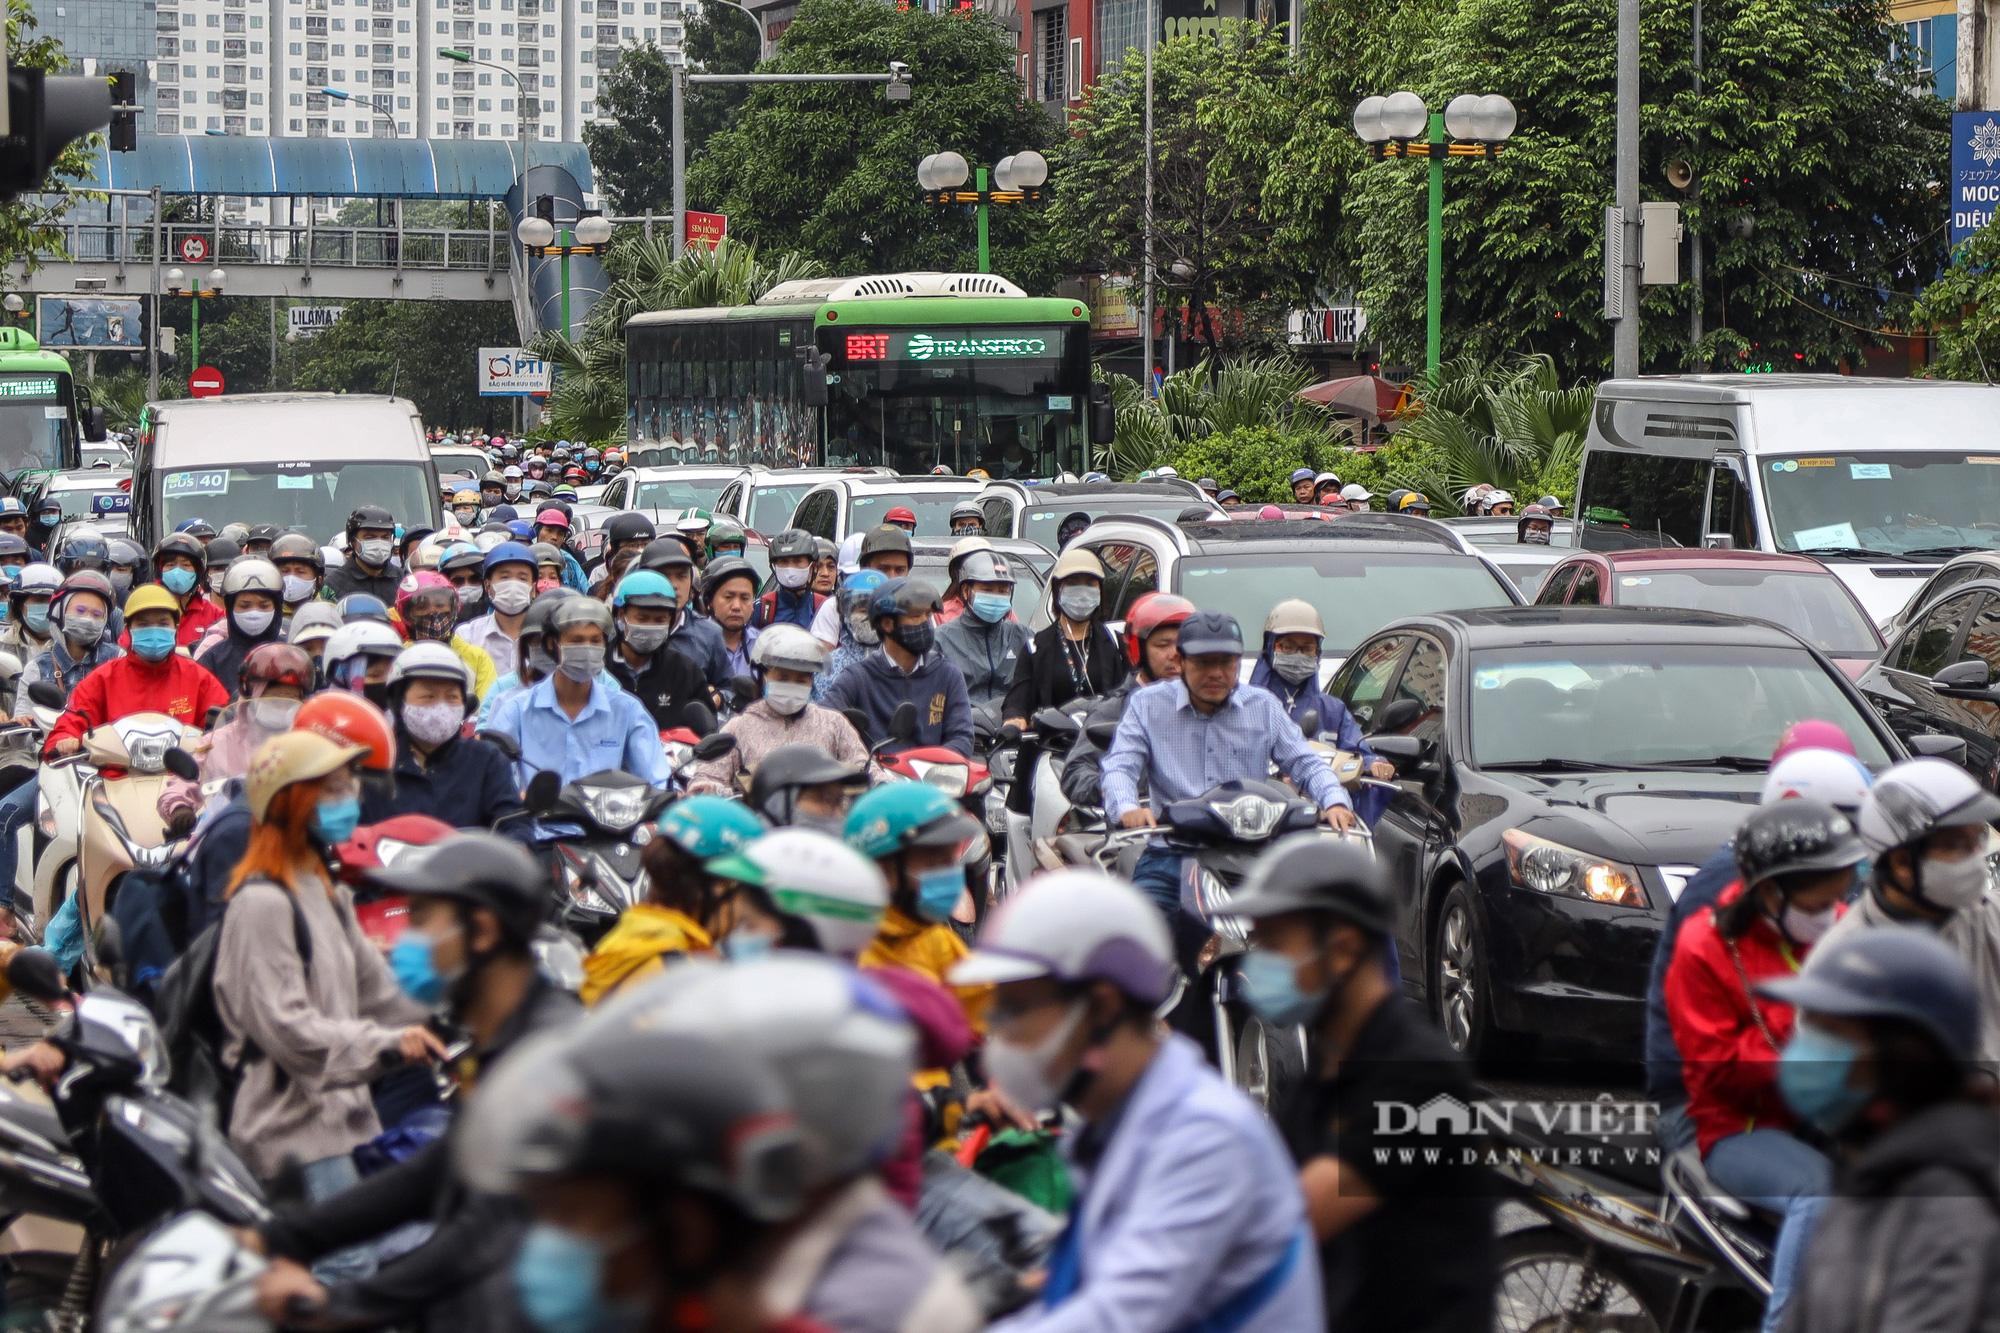 Tắc đường kinh hoàng trên địa bàn nhiều quận ở Hà Nội - Ảnh 3.